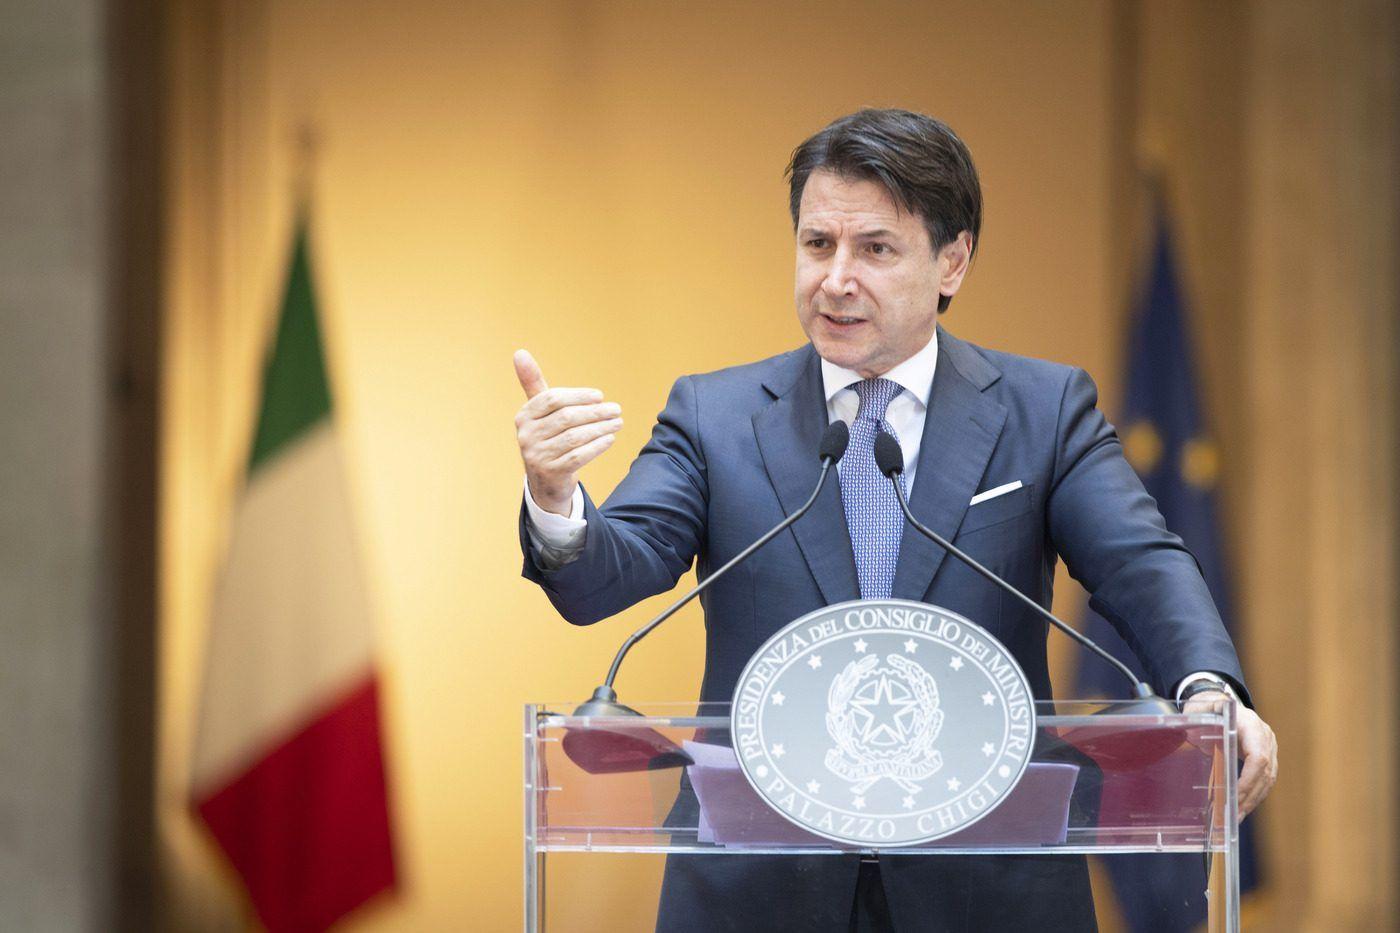 Sondaggi politici con Conte alla guida M5S primo partito davanti alla Lega Matteo Salvini